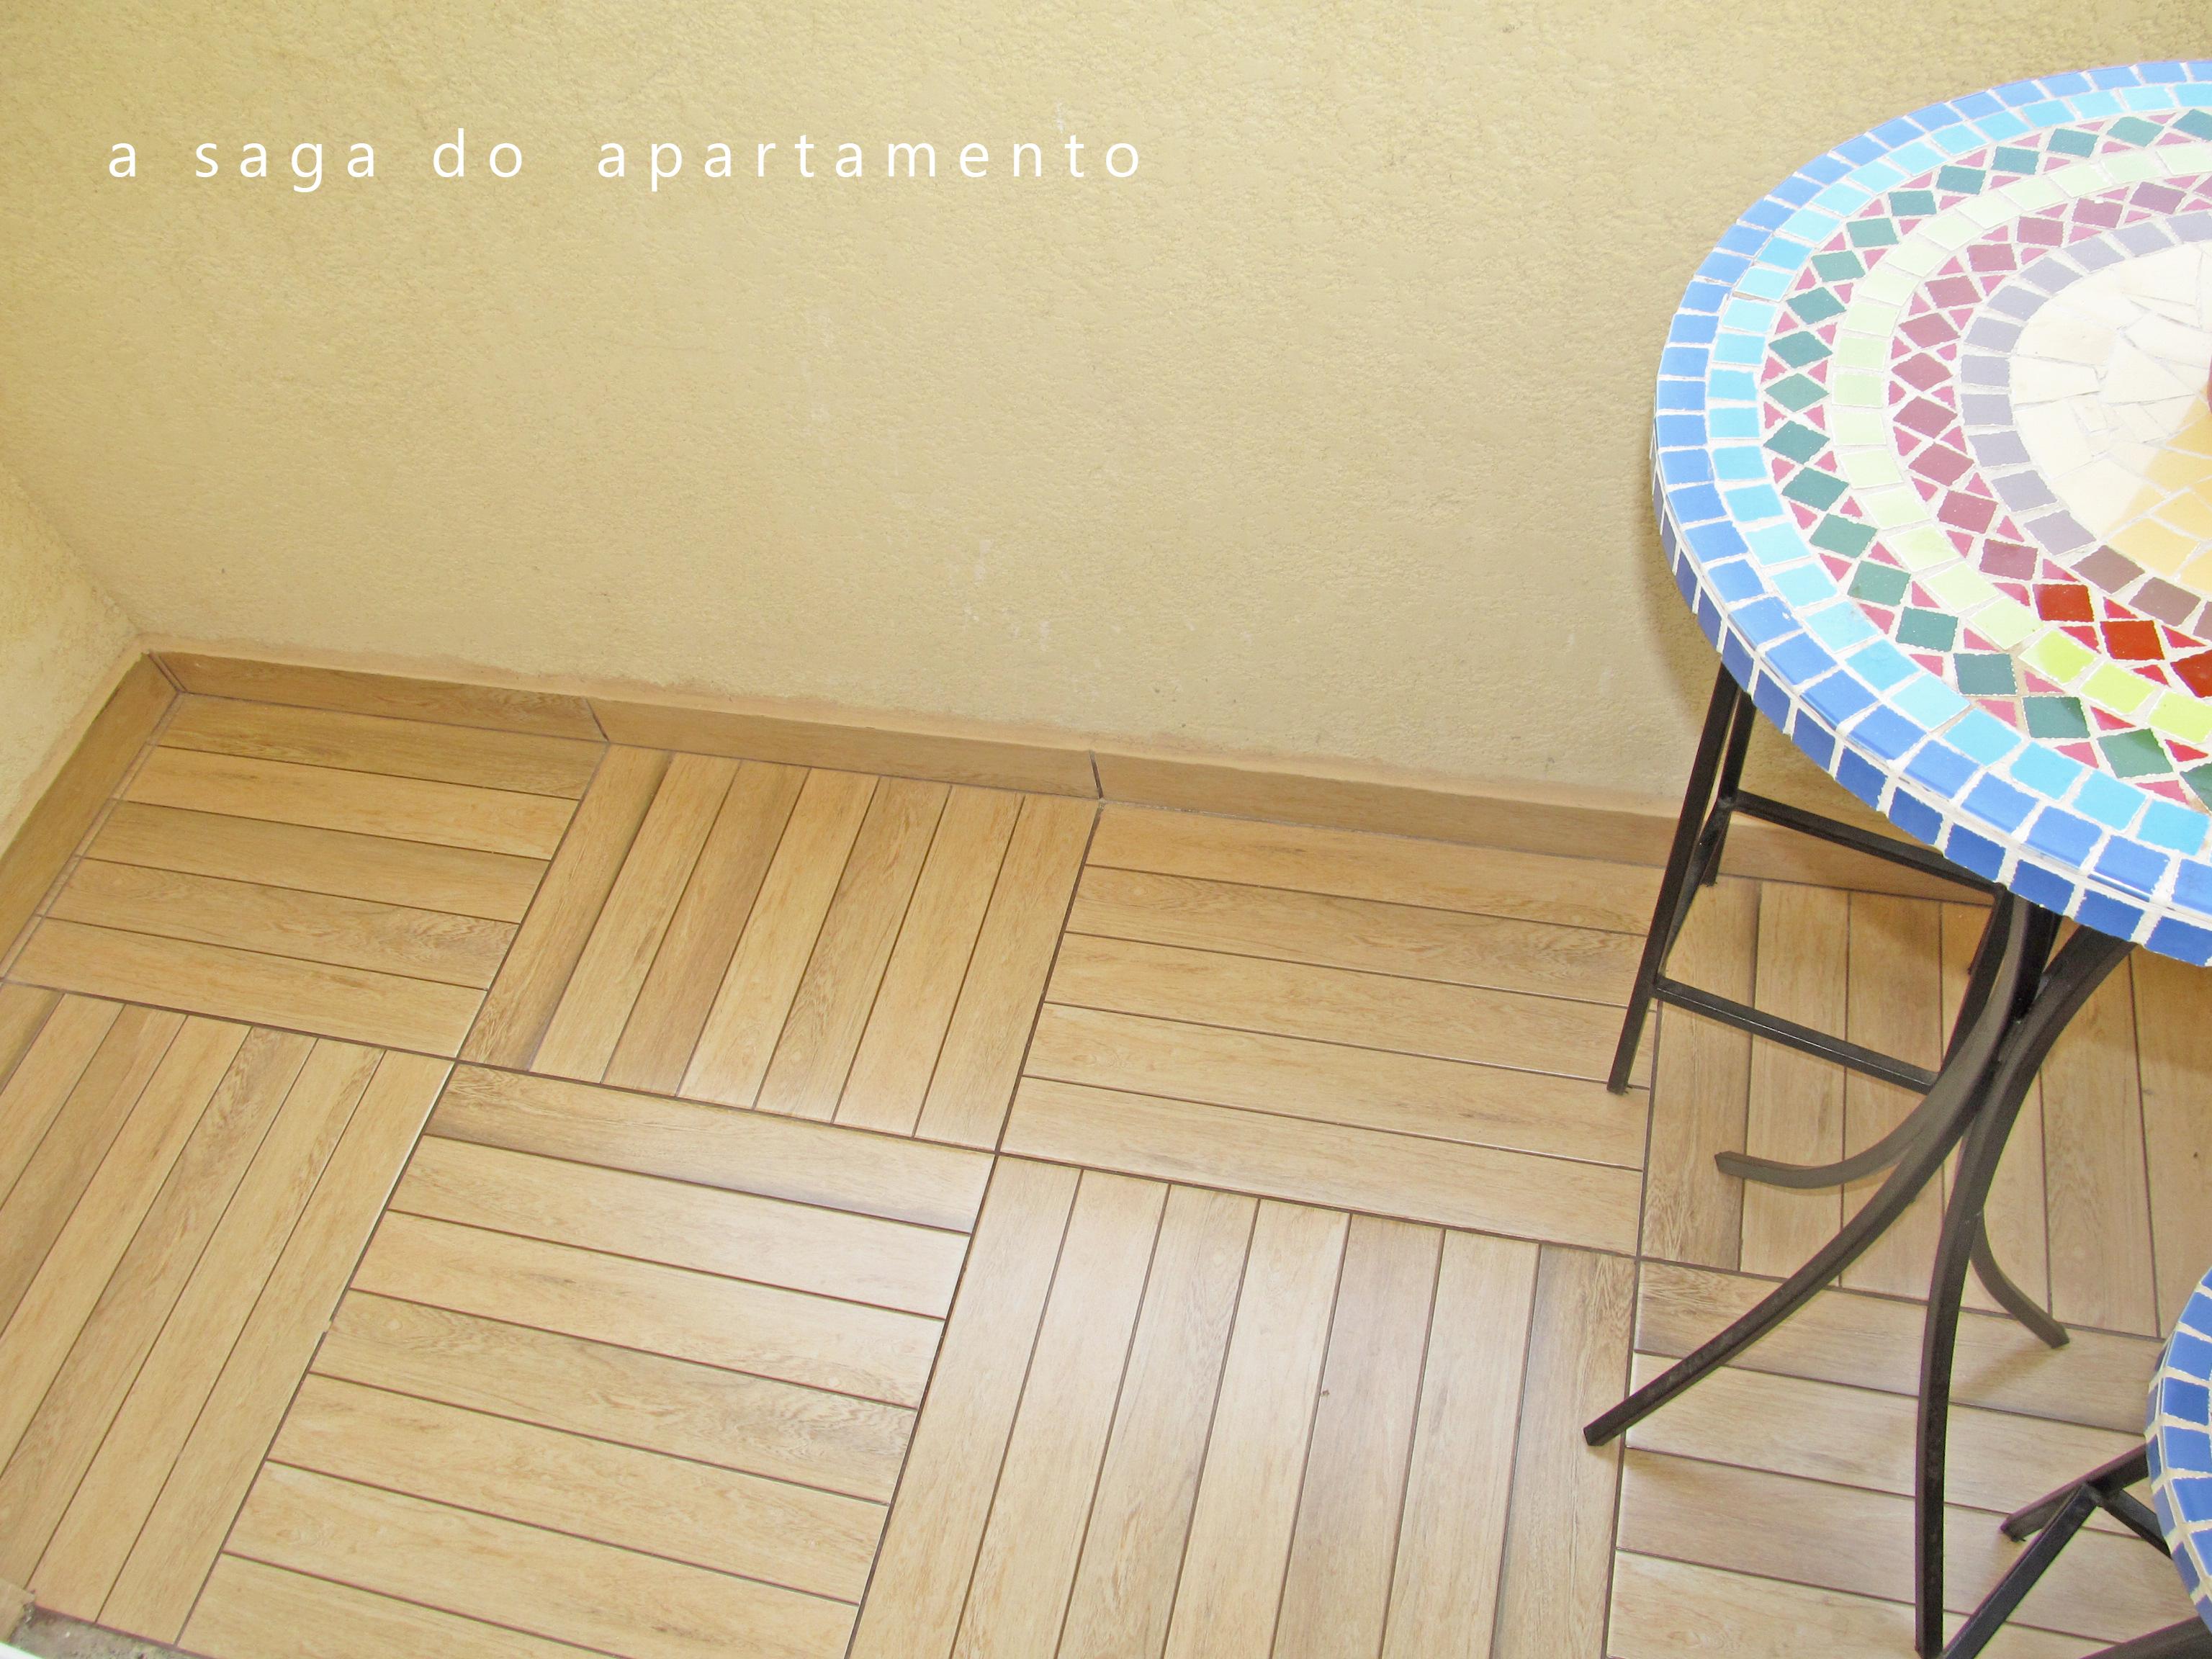 Deck de Madeira? Revestindo Banheiro e Varanda a saga do apartamento #2577A6 3072x2304 Banheiro Box Amadeirado